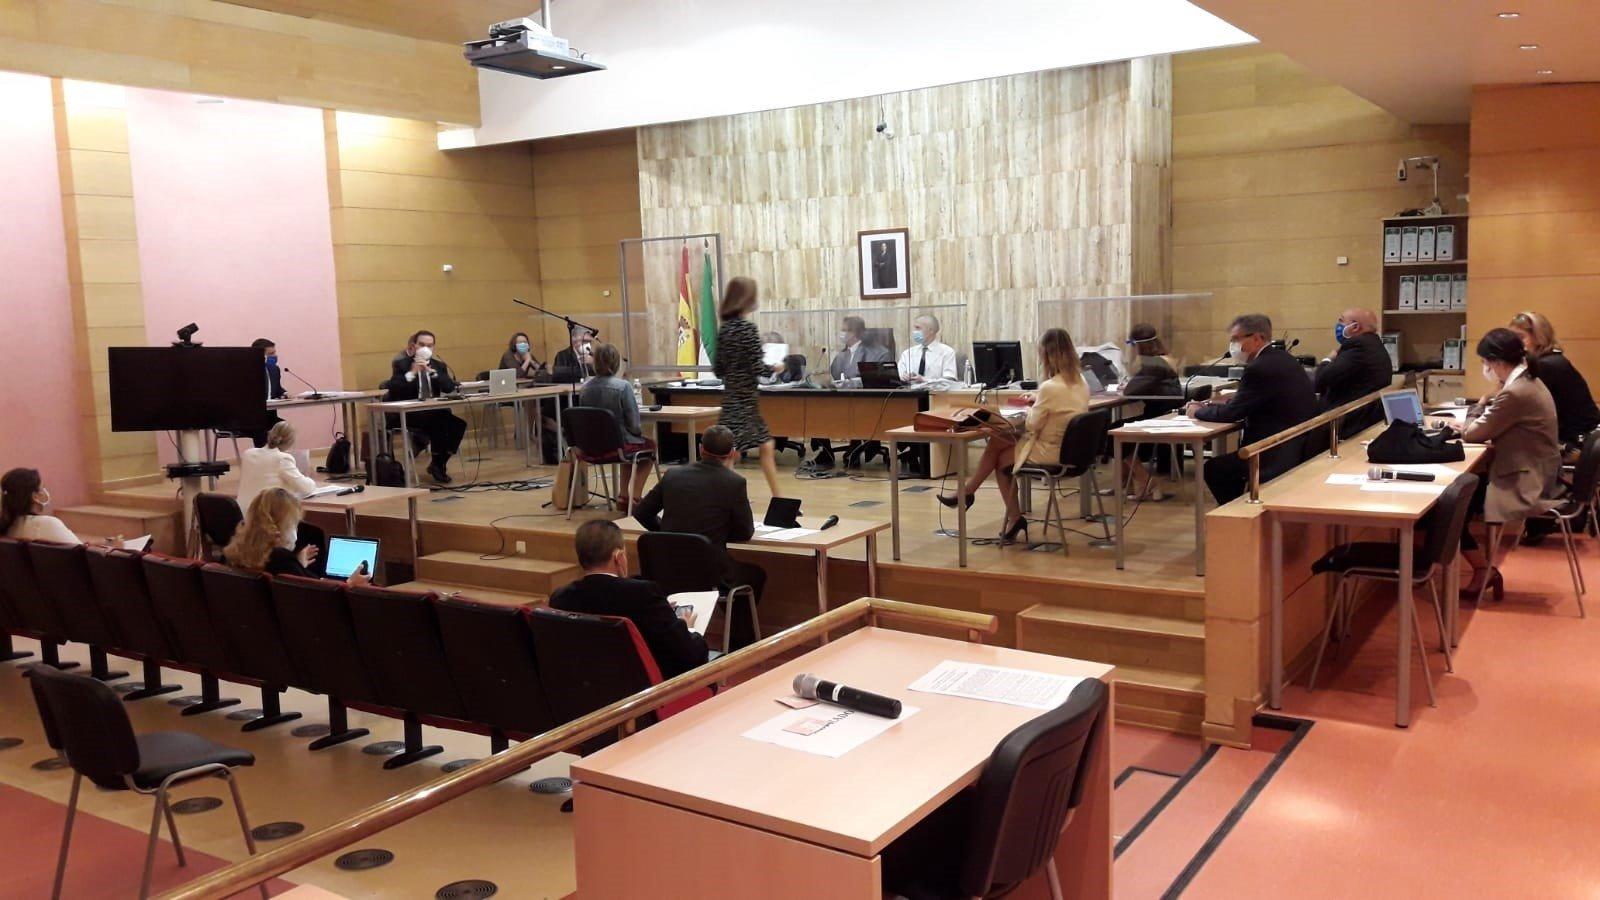 Concejales del PP del «Caso Serrallo» serán absueltos después de que les hayan retirado los cargos